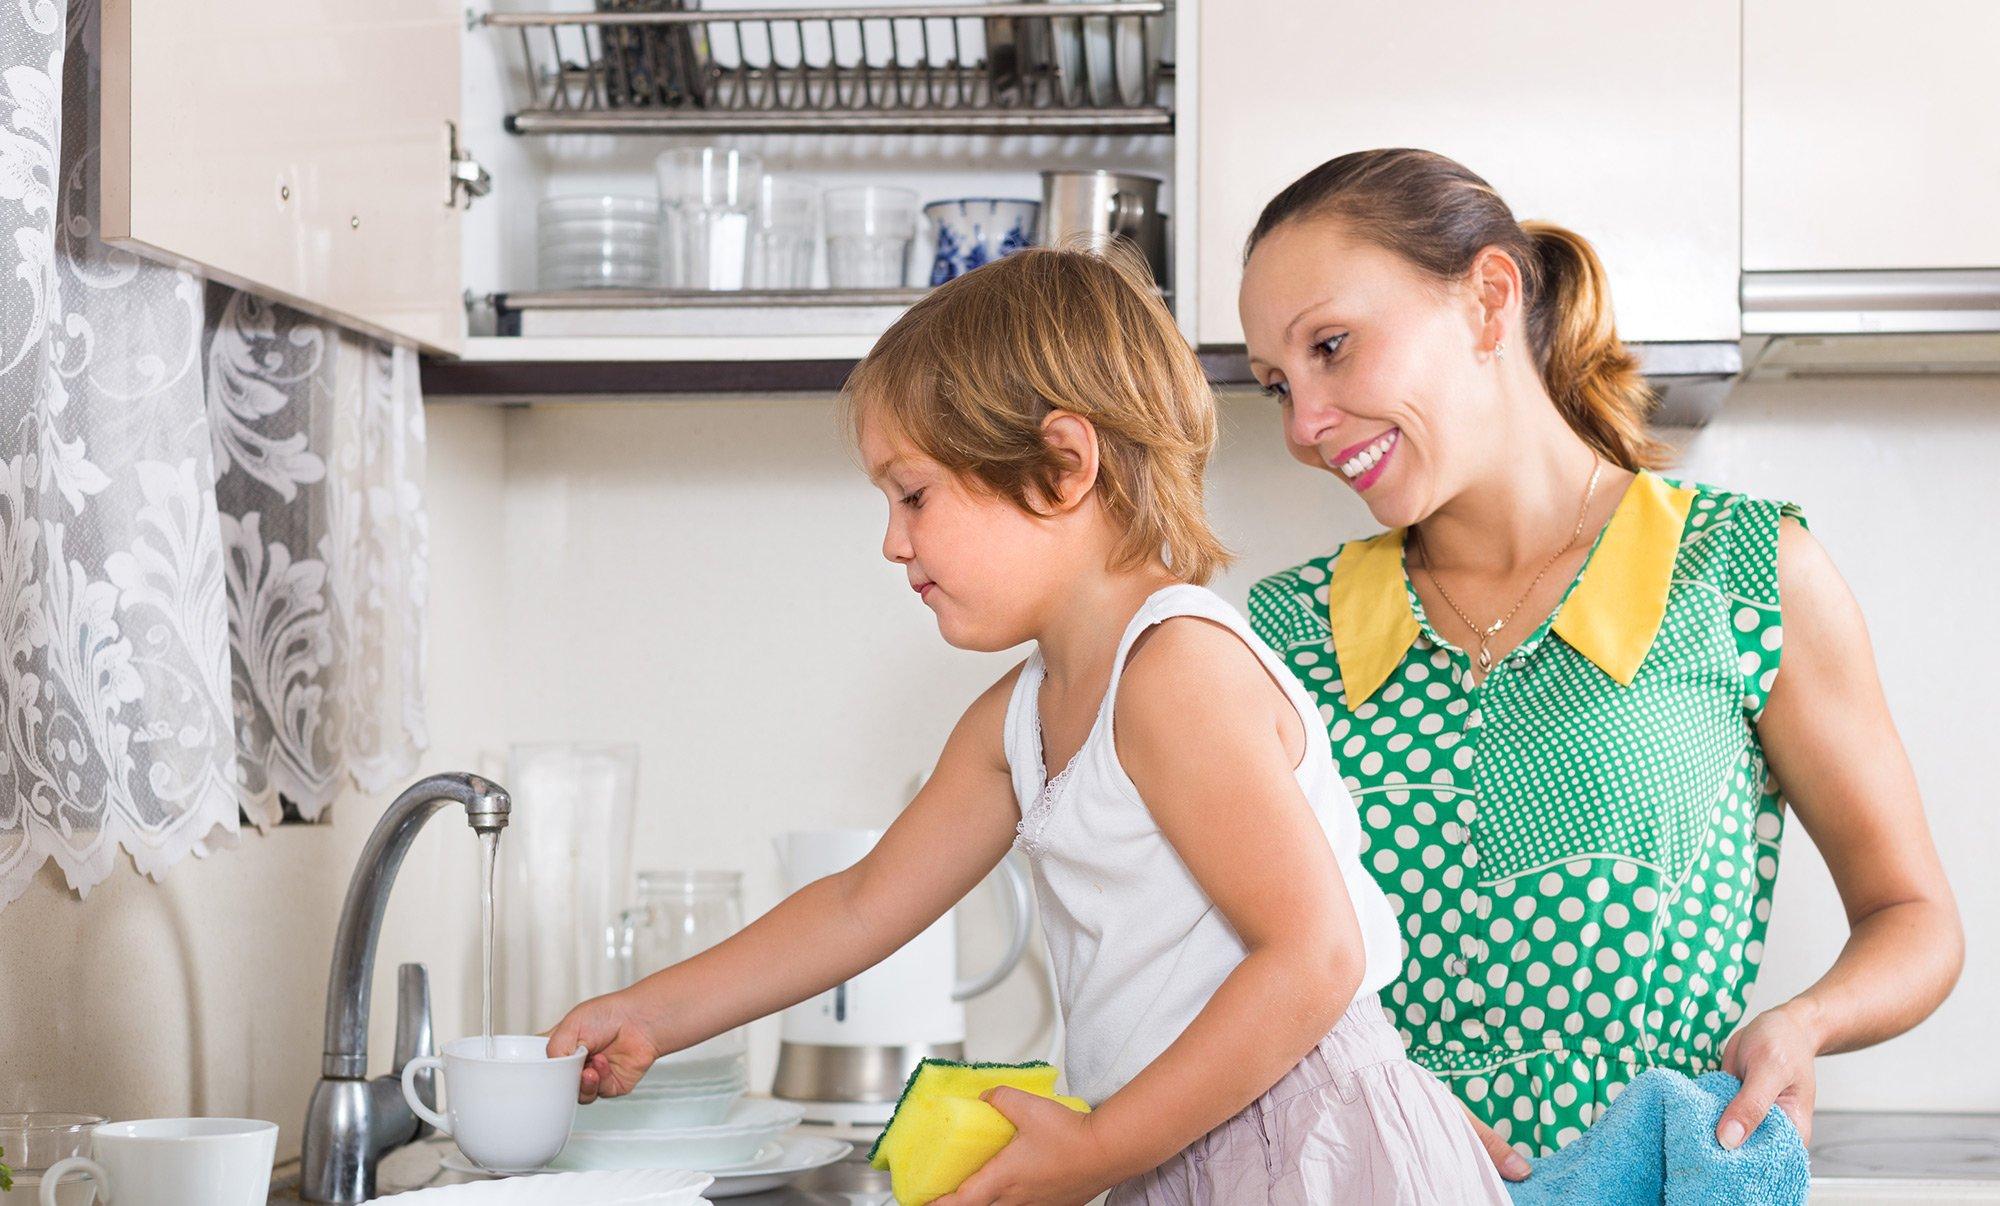 С мамкой на кухне, Мама и сын на кухне - смотреть порно онлайн или скачать 7 фотография